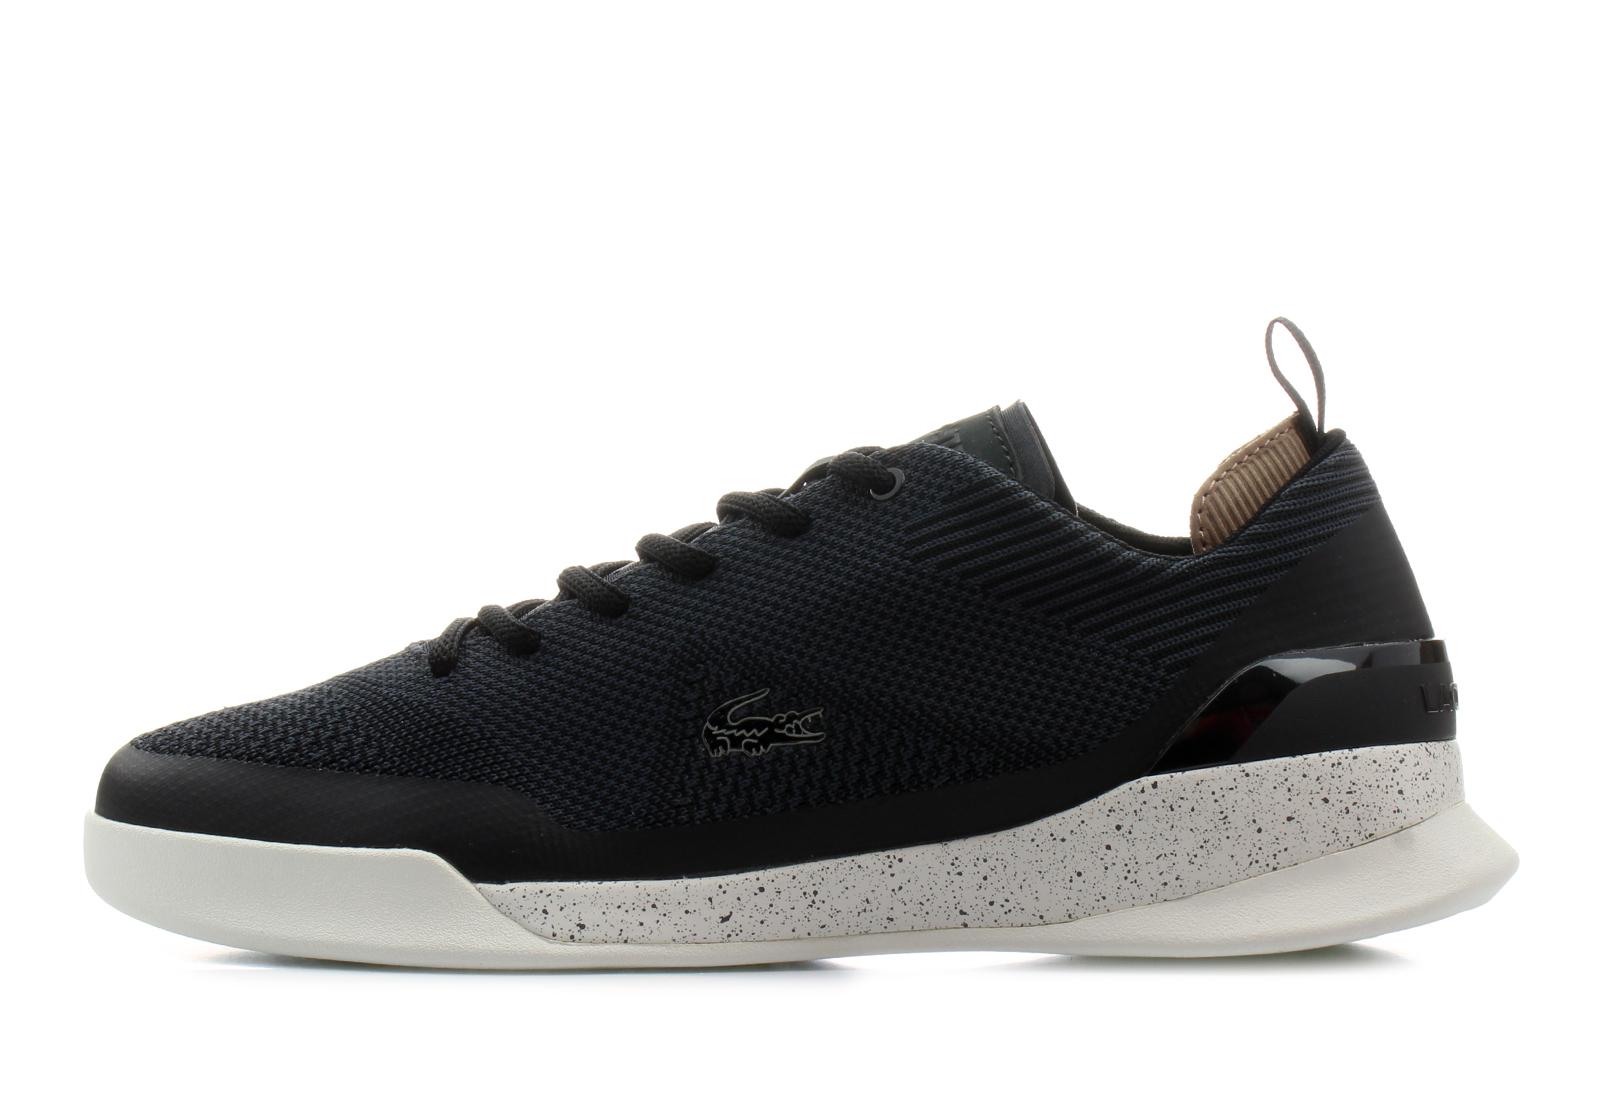 Lacoste Shoes Lt Dual Elite 118 1 181spm0023 237 8ae1462924